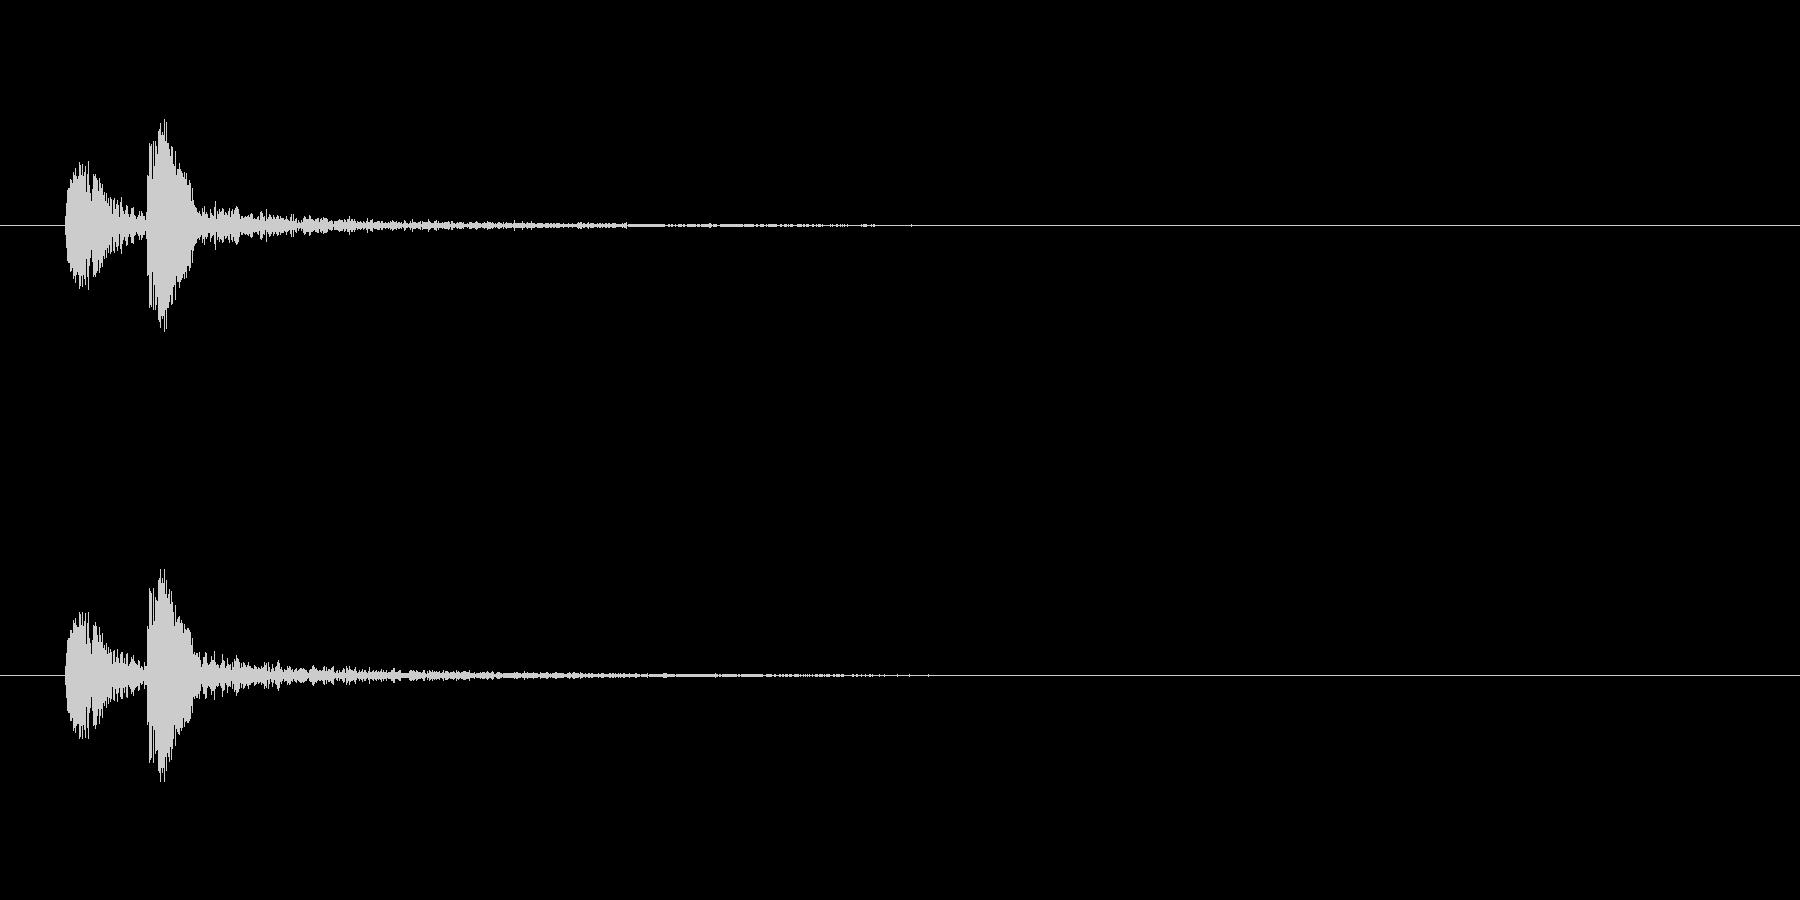 【ボタン ポチッ02-2】の未再生の波形